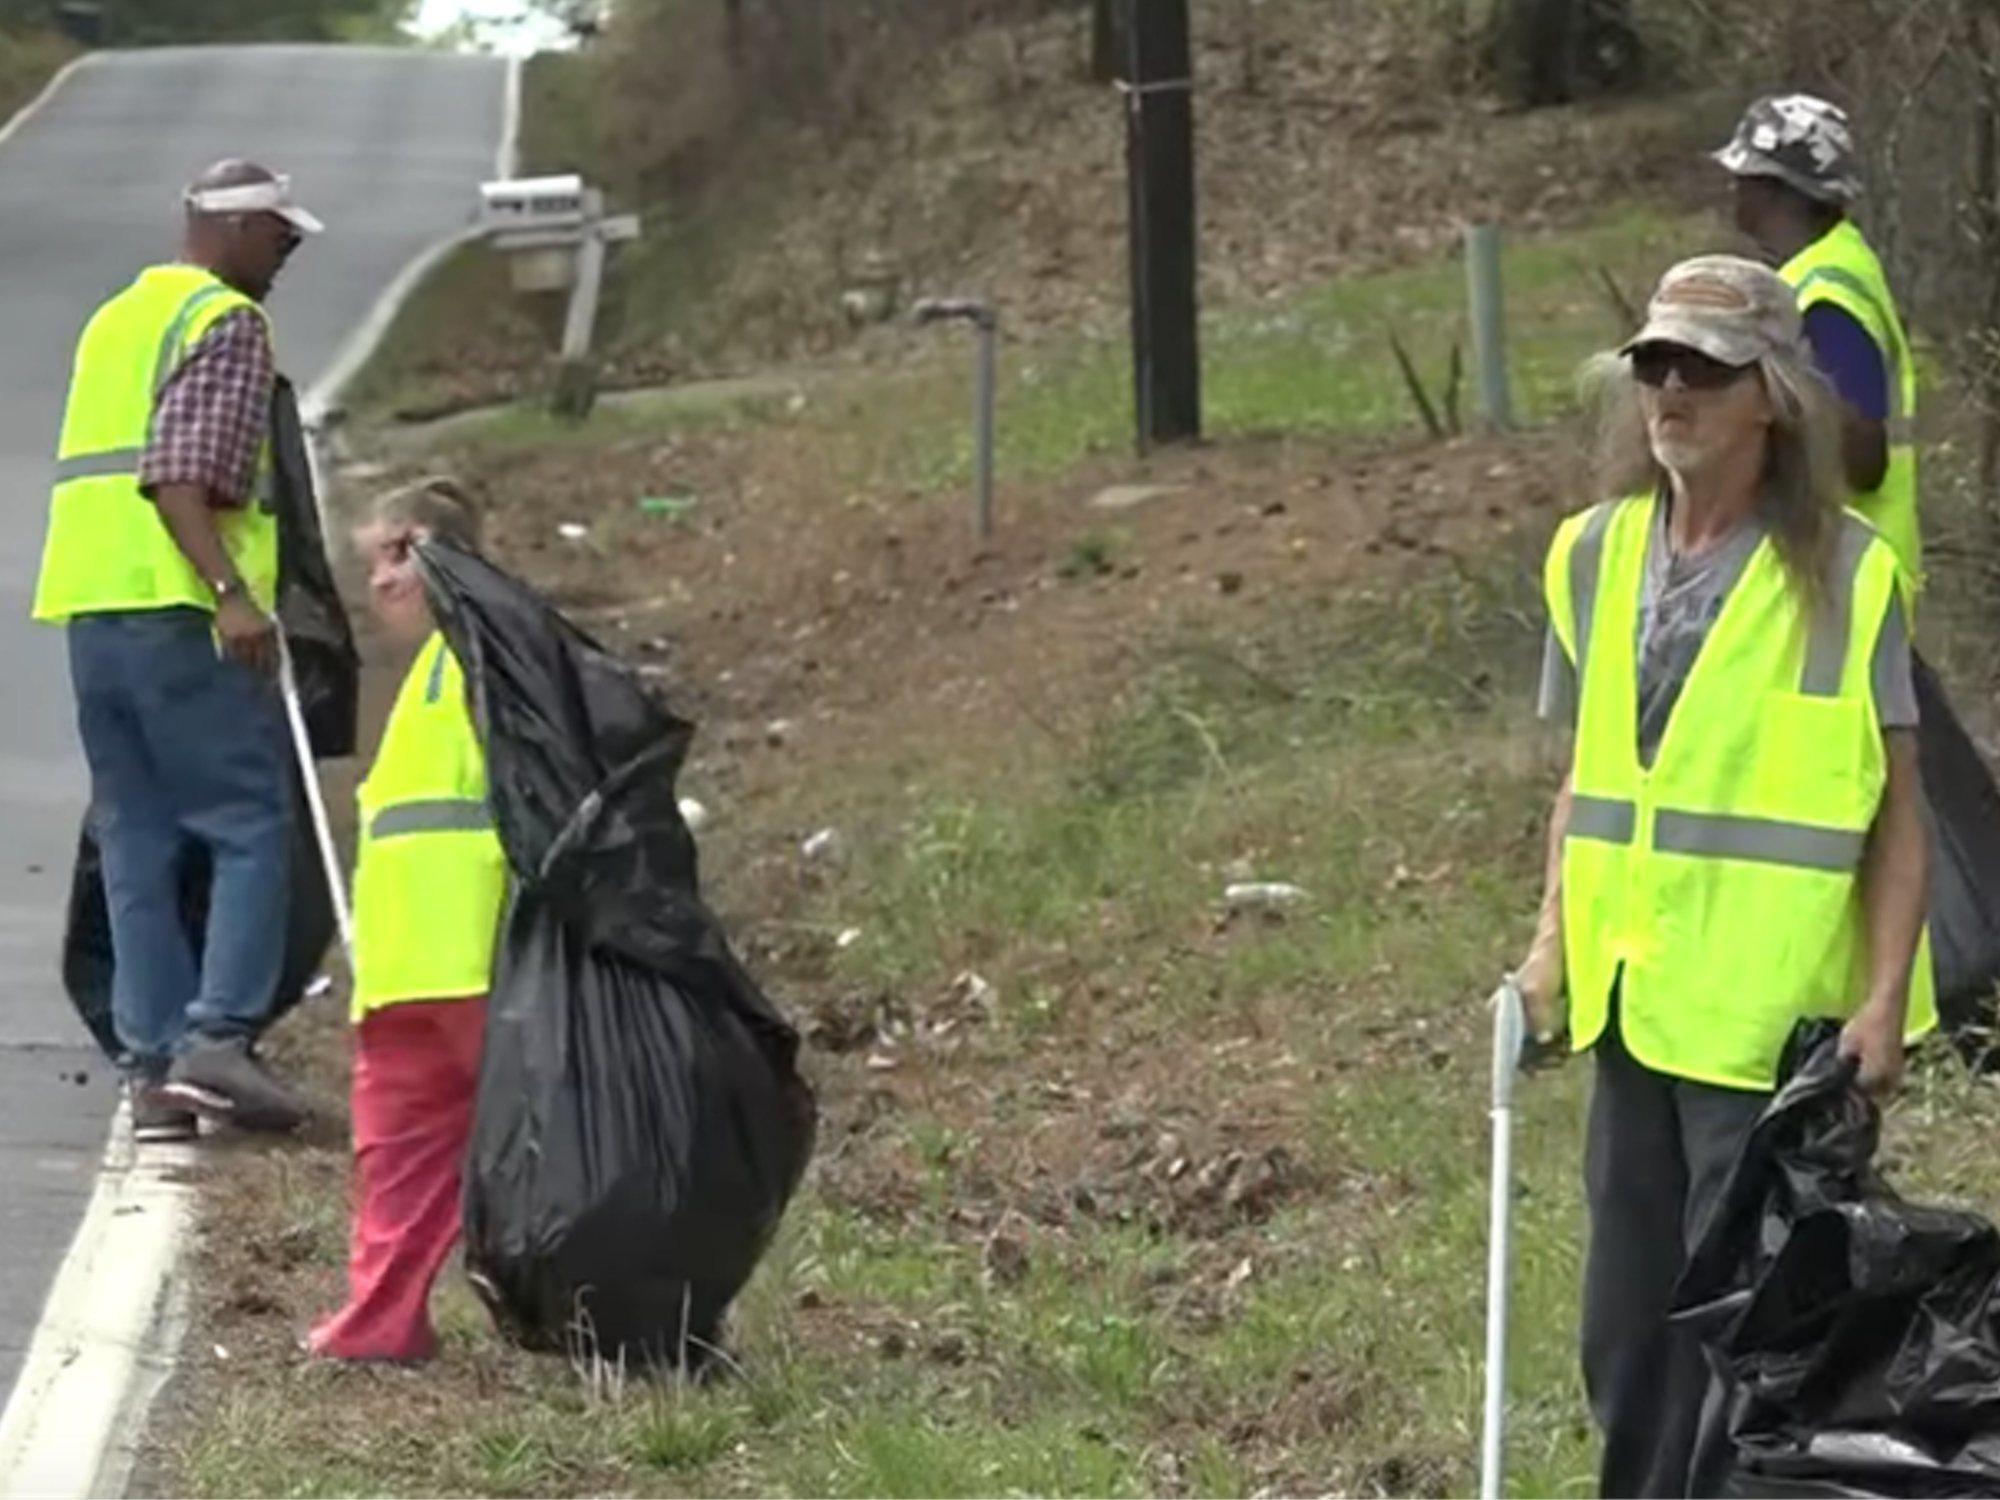 Una ciudad de EEUU contrata a vagabundos como basureros para darles una vida digna